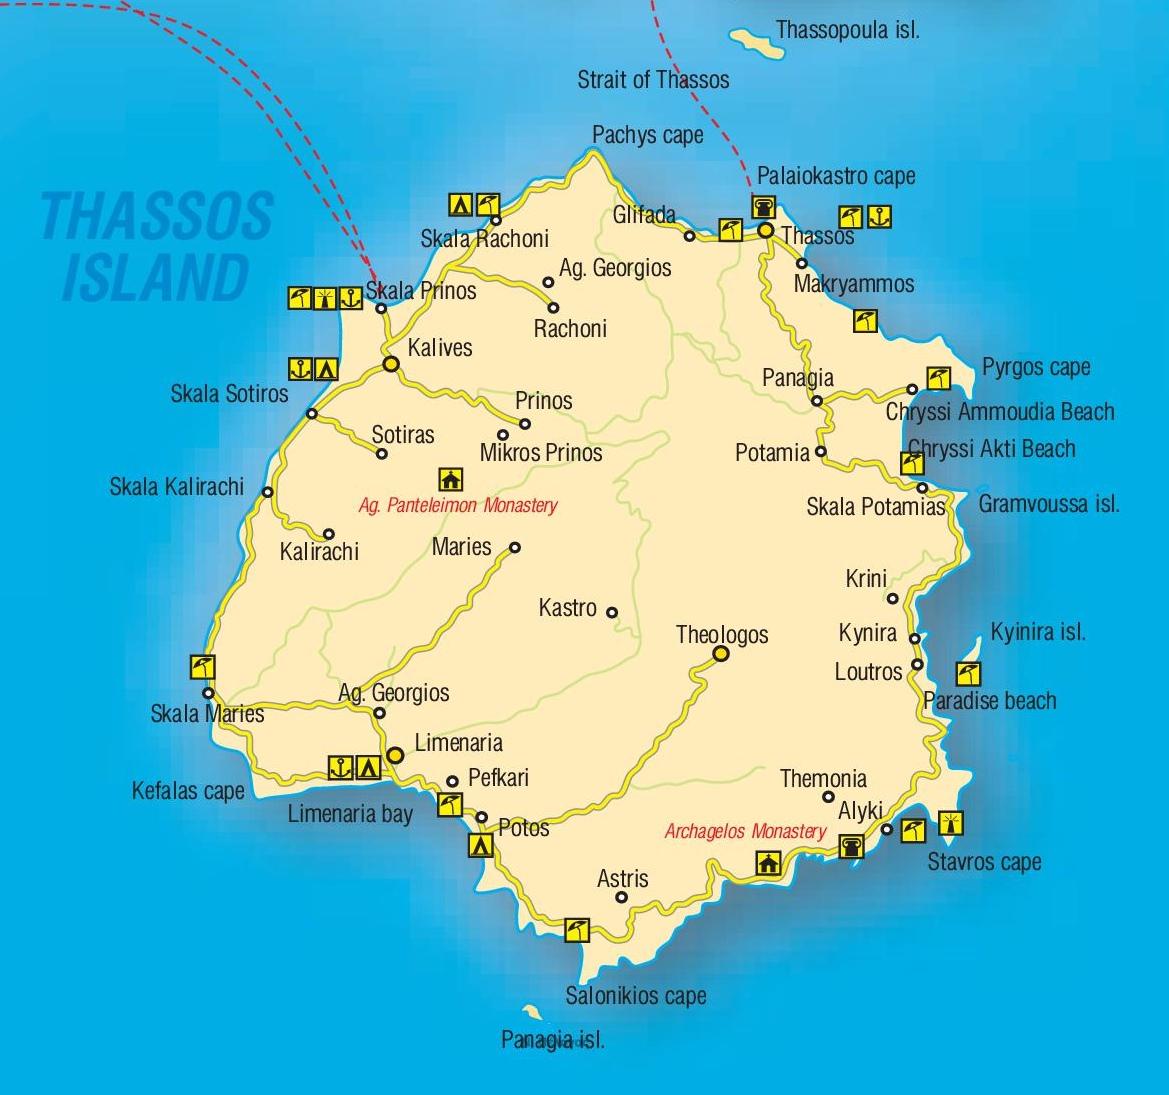 Пристанищата на Тасос са: Лименас (с тръгване от Керамоти) и Принос (с тръгване от Кавала).